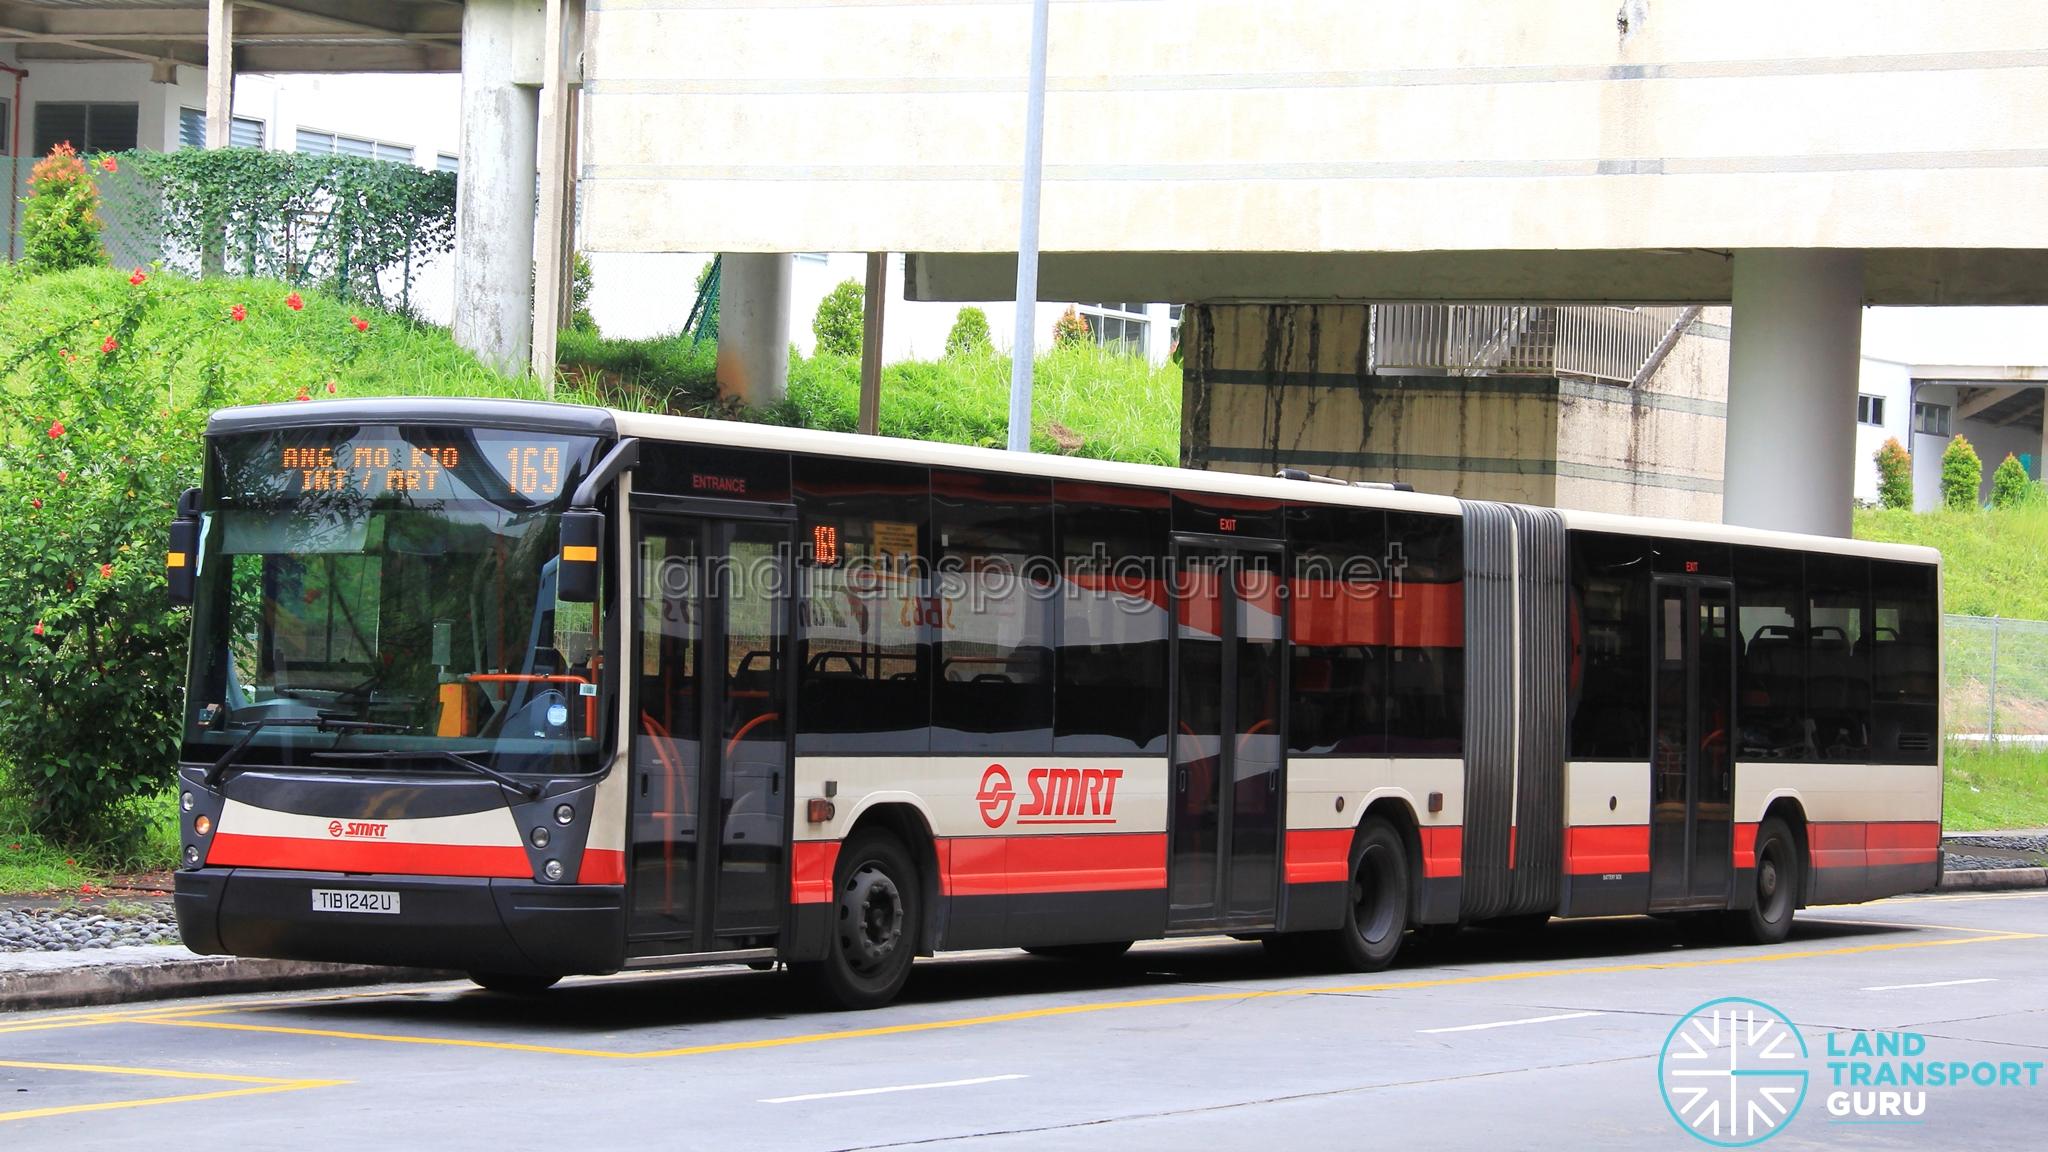 Smrt bus service 169 land transport guru for Mercedes benz woodlands service